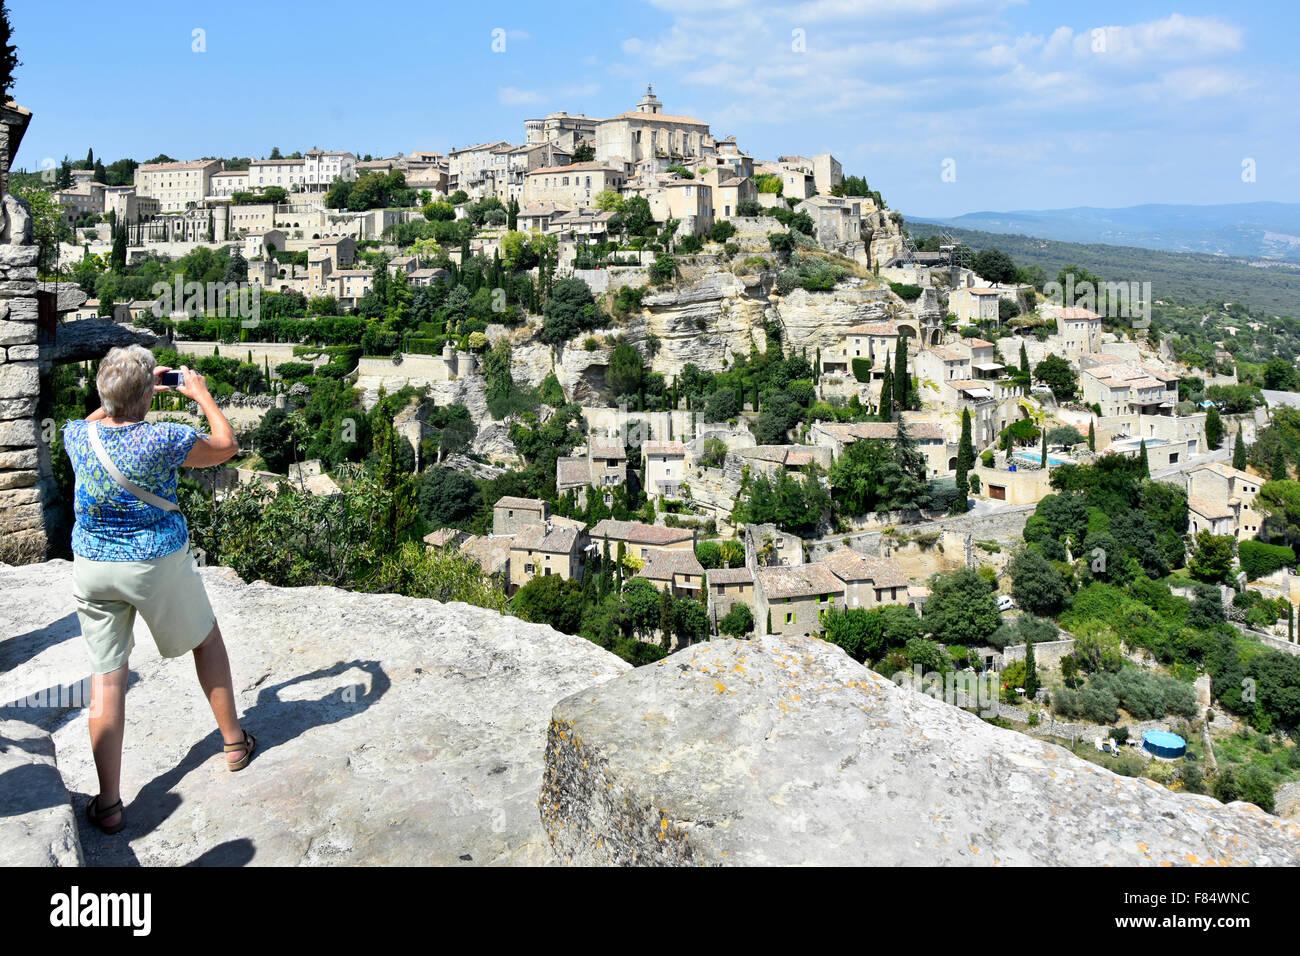 Gordes Hügel Dorf unfenced Aussichtsplattform mit Frau Touristen fotografieren Stockbild